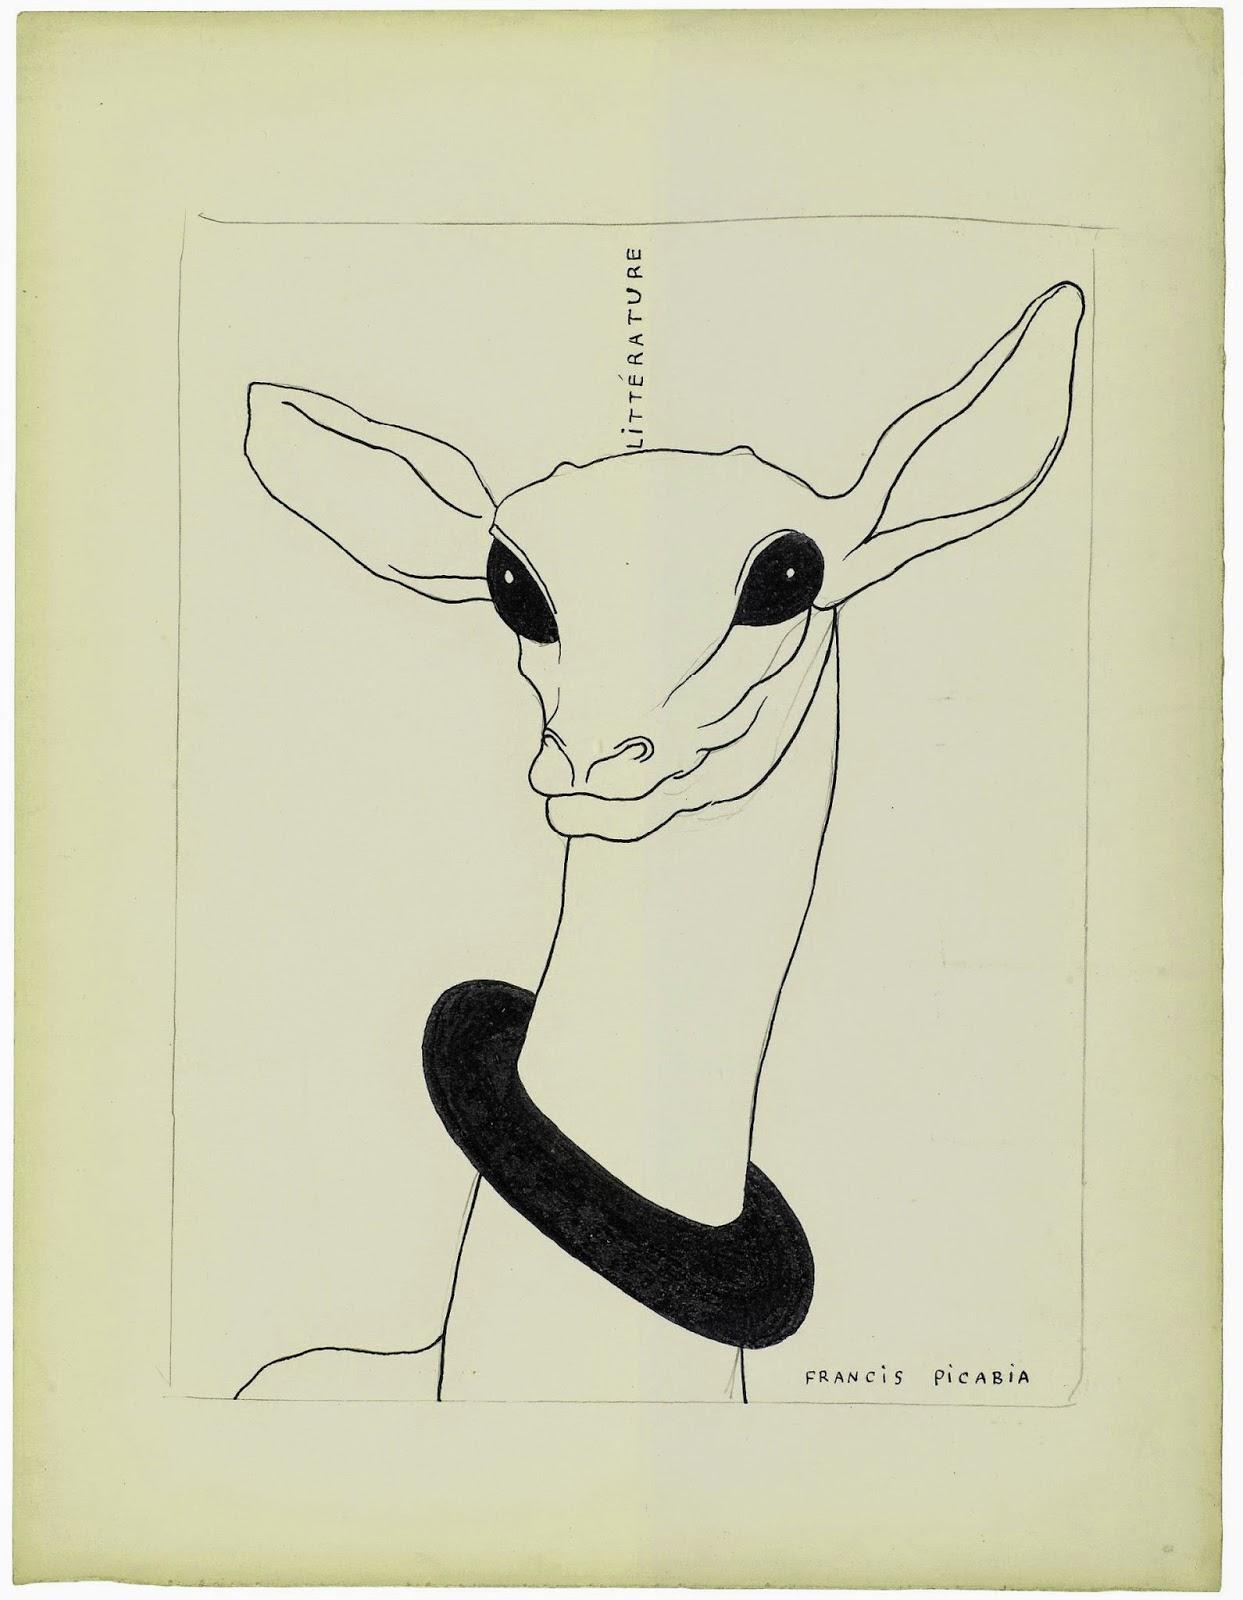 018. Picabia Projet de couverture Litt rature 1922 1924